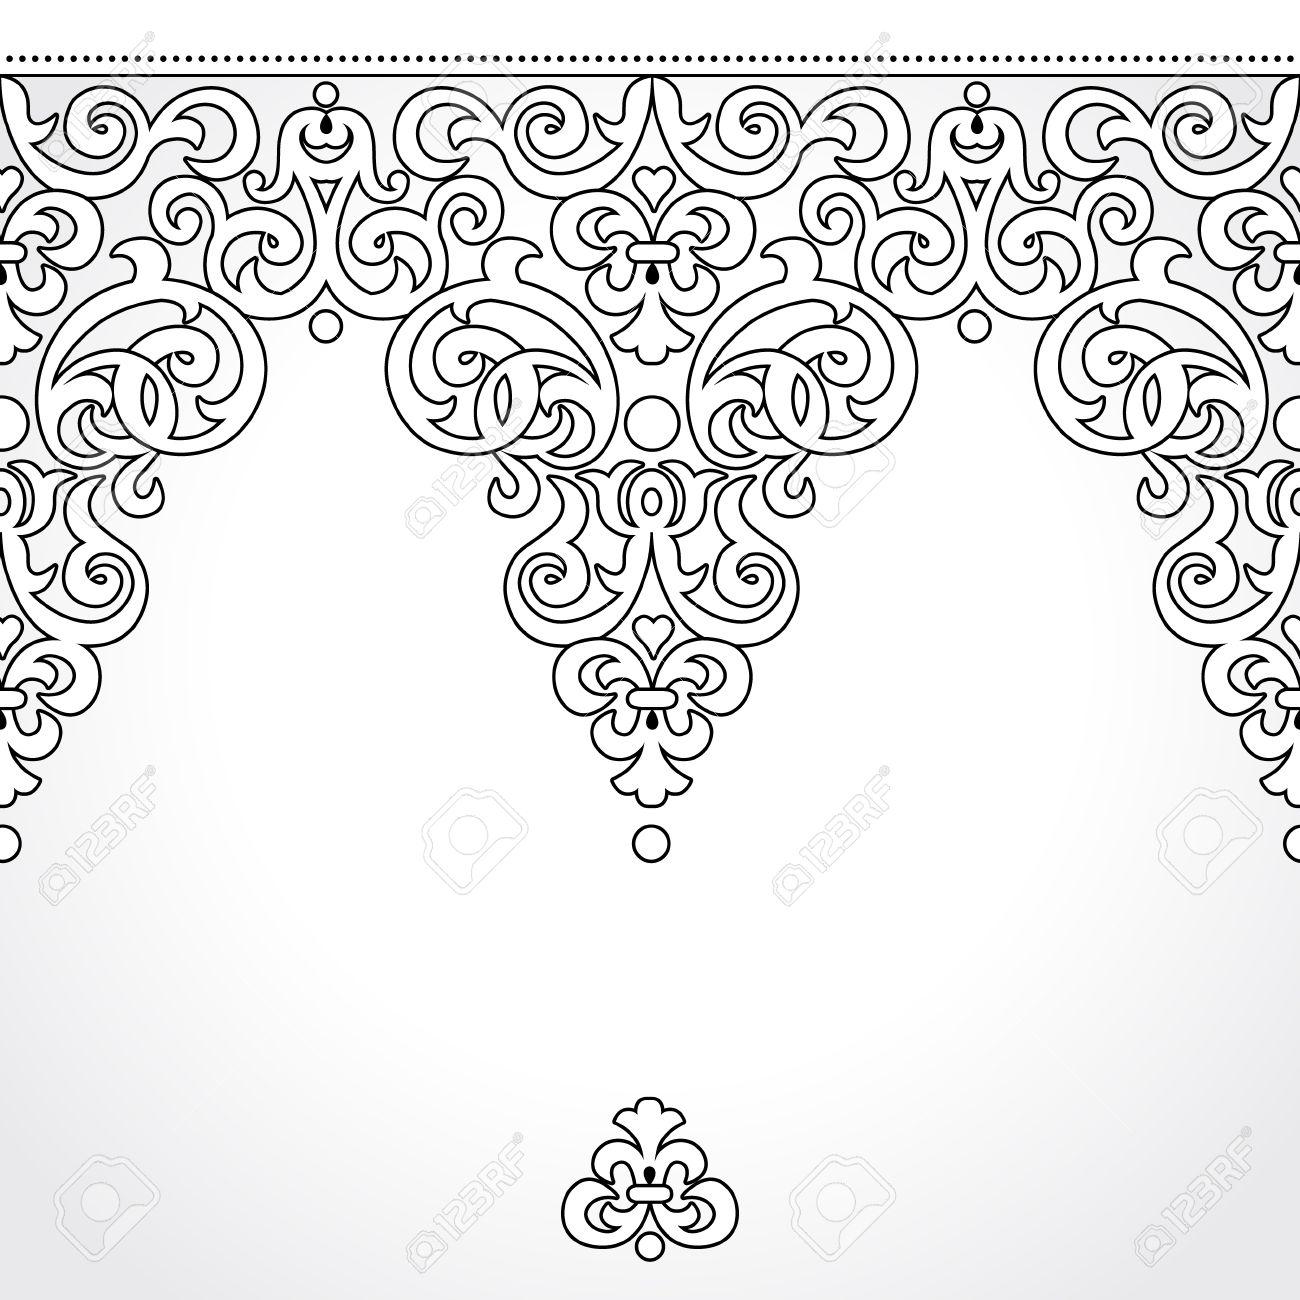 einrichtung viktorianischen stil dekore. rustikale einrichtung ... - Einrichtung Viktorianischen Stil Dekore